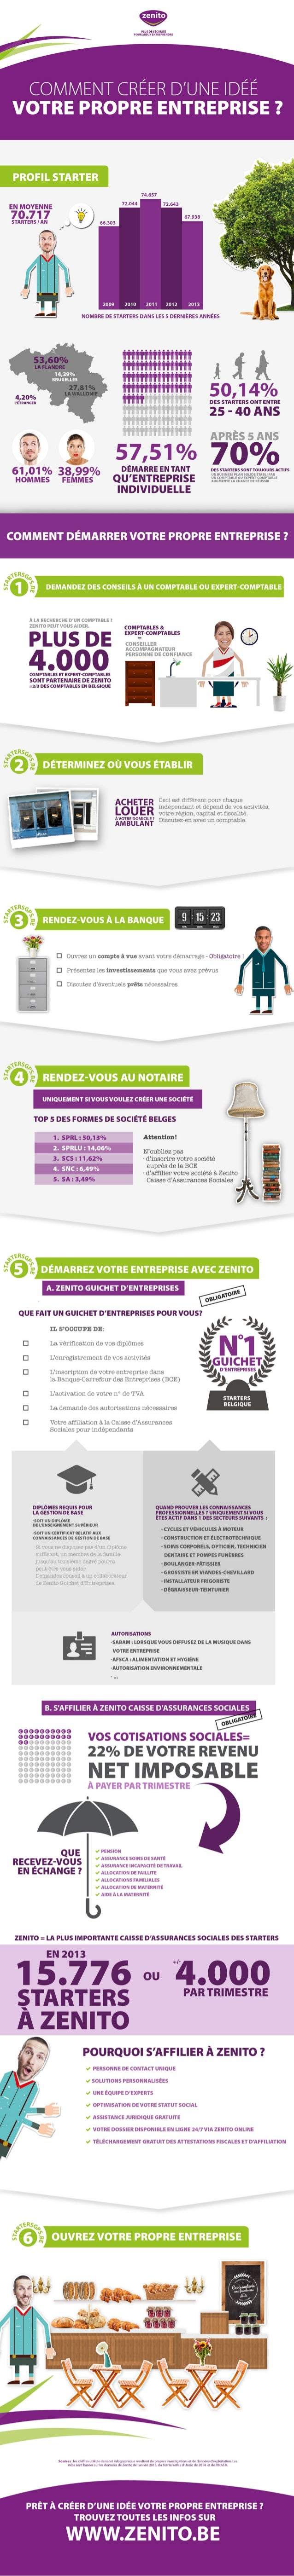 Infographic: Lancez votre entreprise en 6 étapes avec Zenito